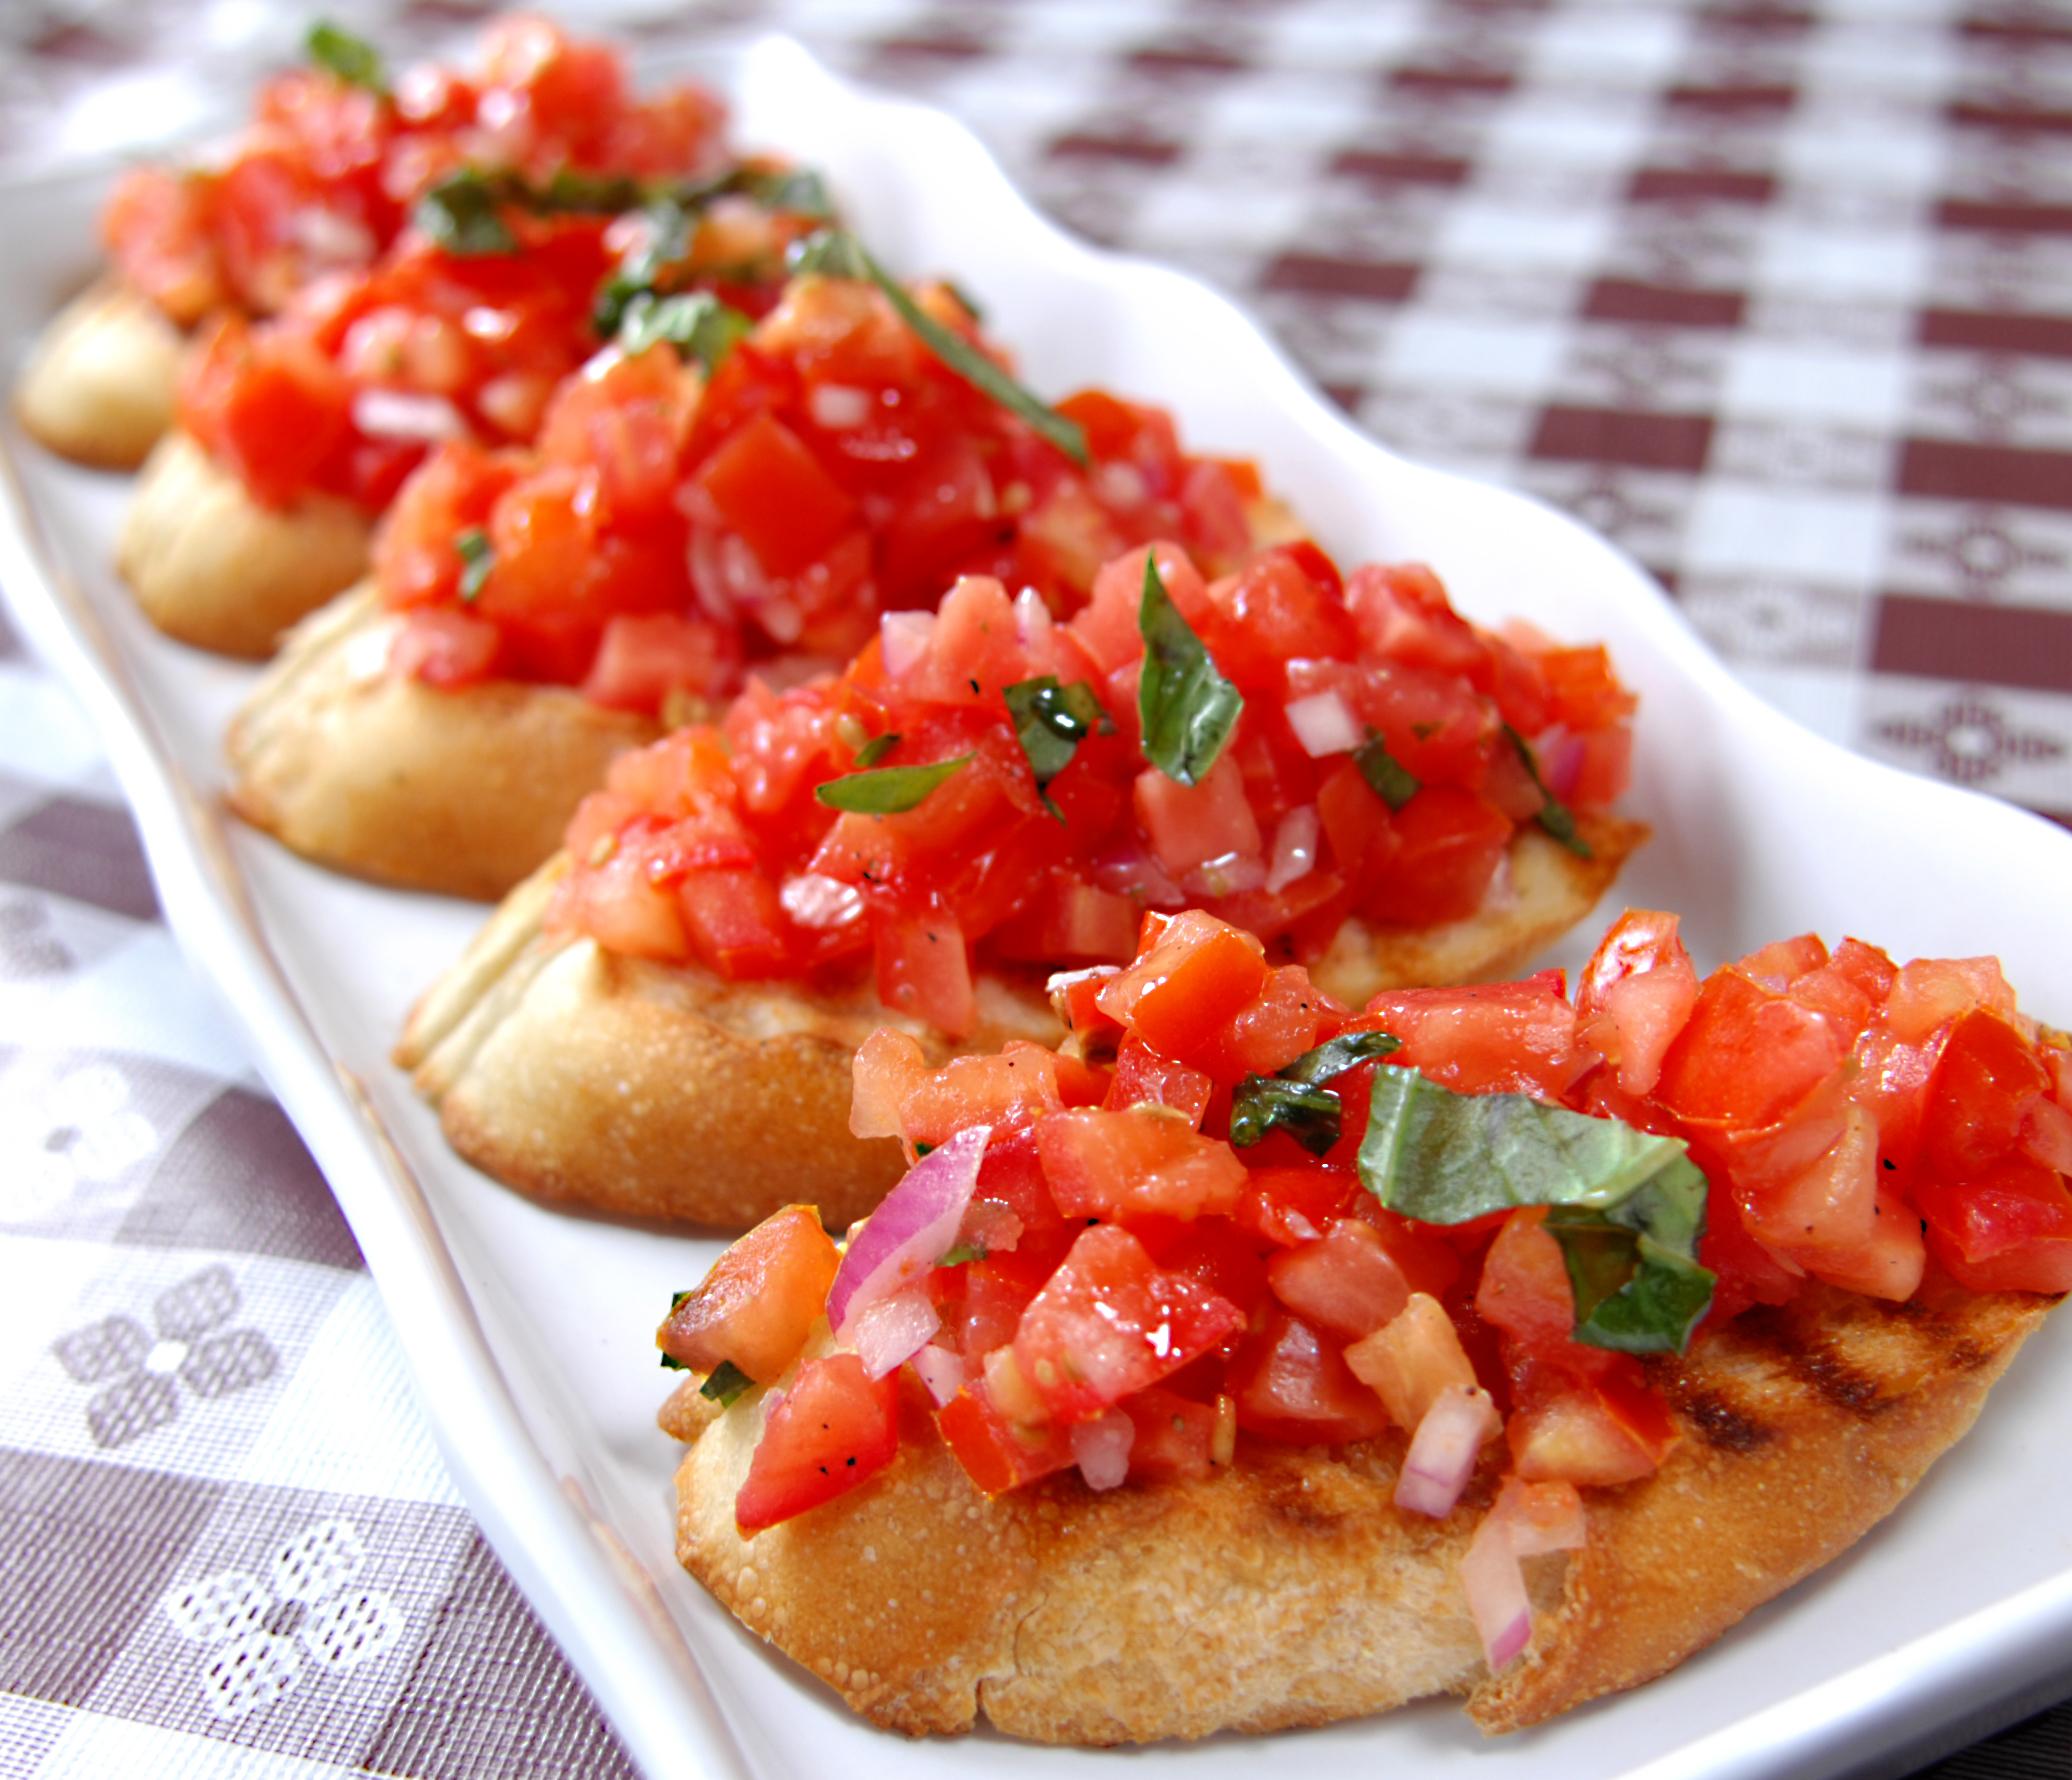 ... pizza bruschetta recipe the delicious pizza bruschetta recipe